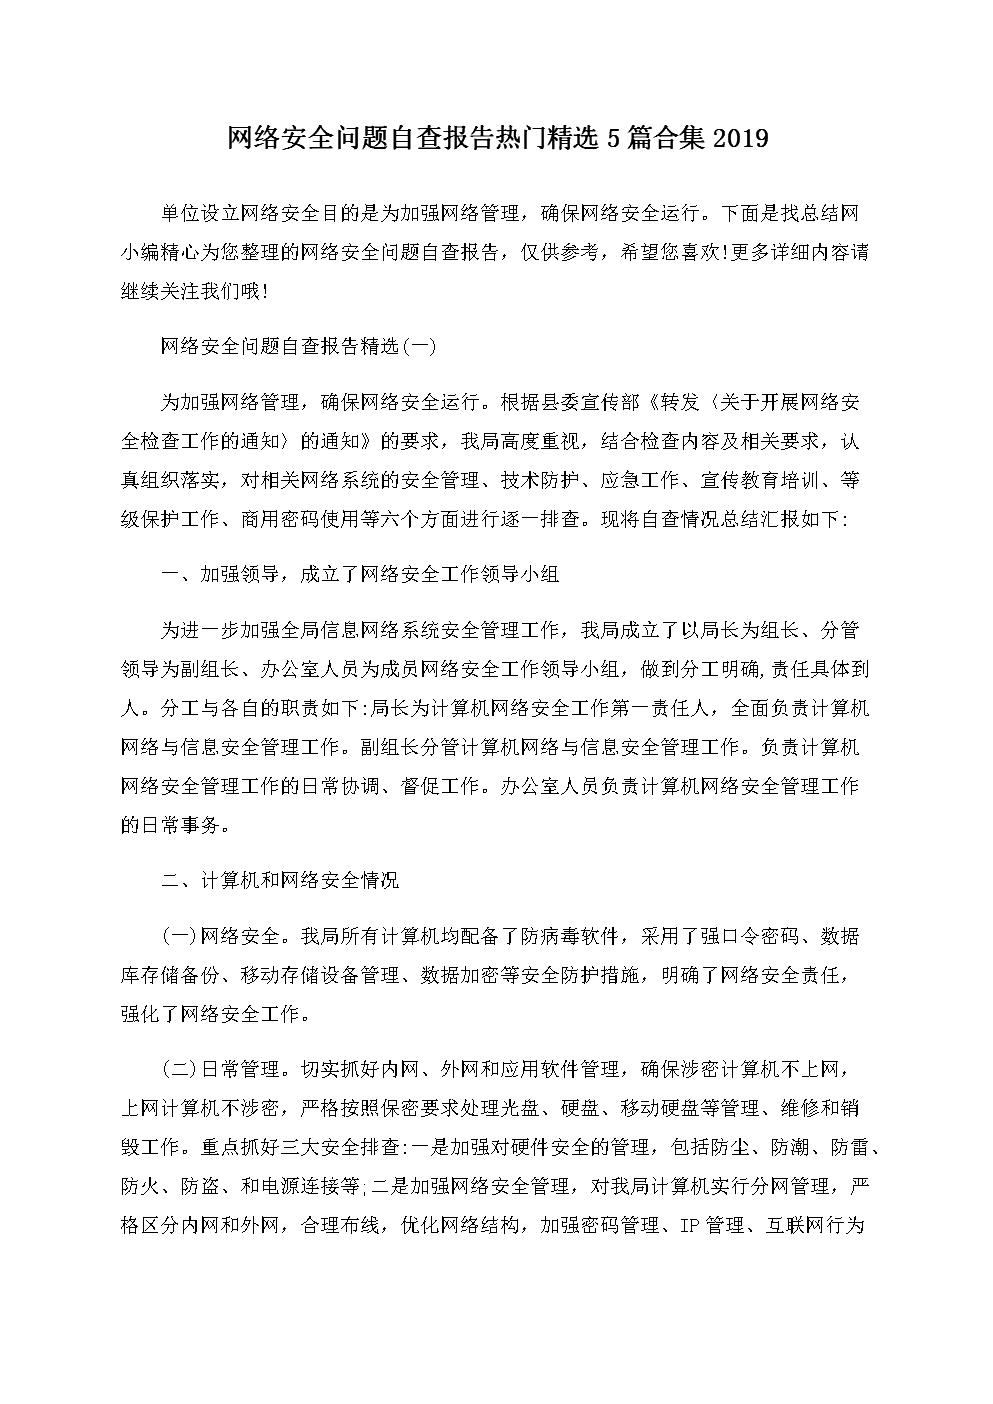 网络安全问题自查报告热门精选5篇合集2019.docx